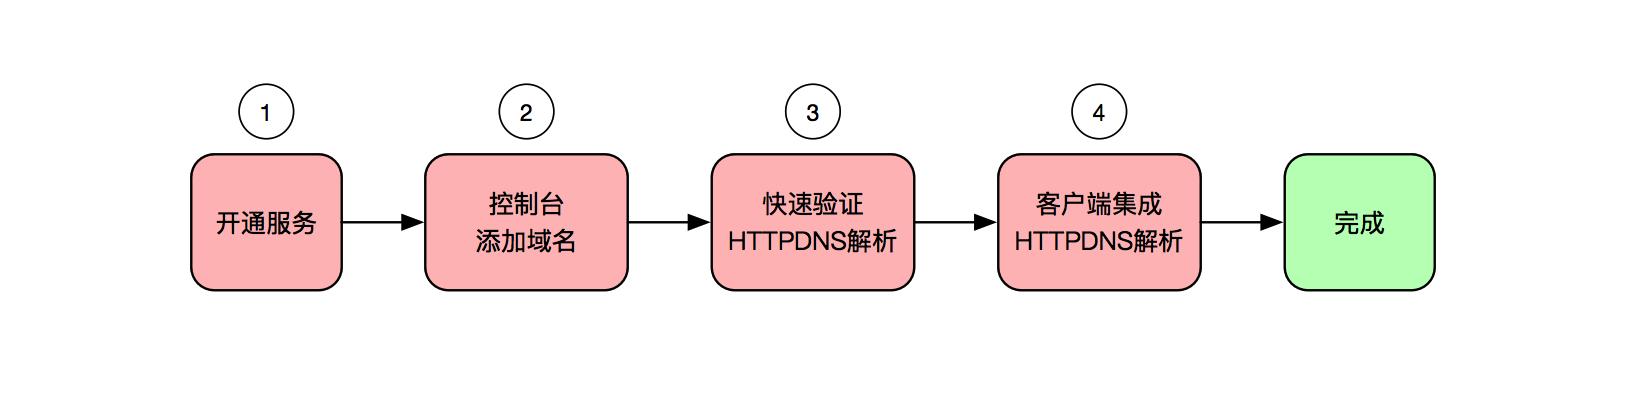 HTTPDNS接入步骤